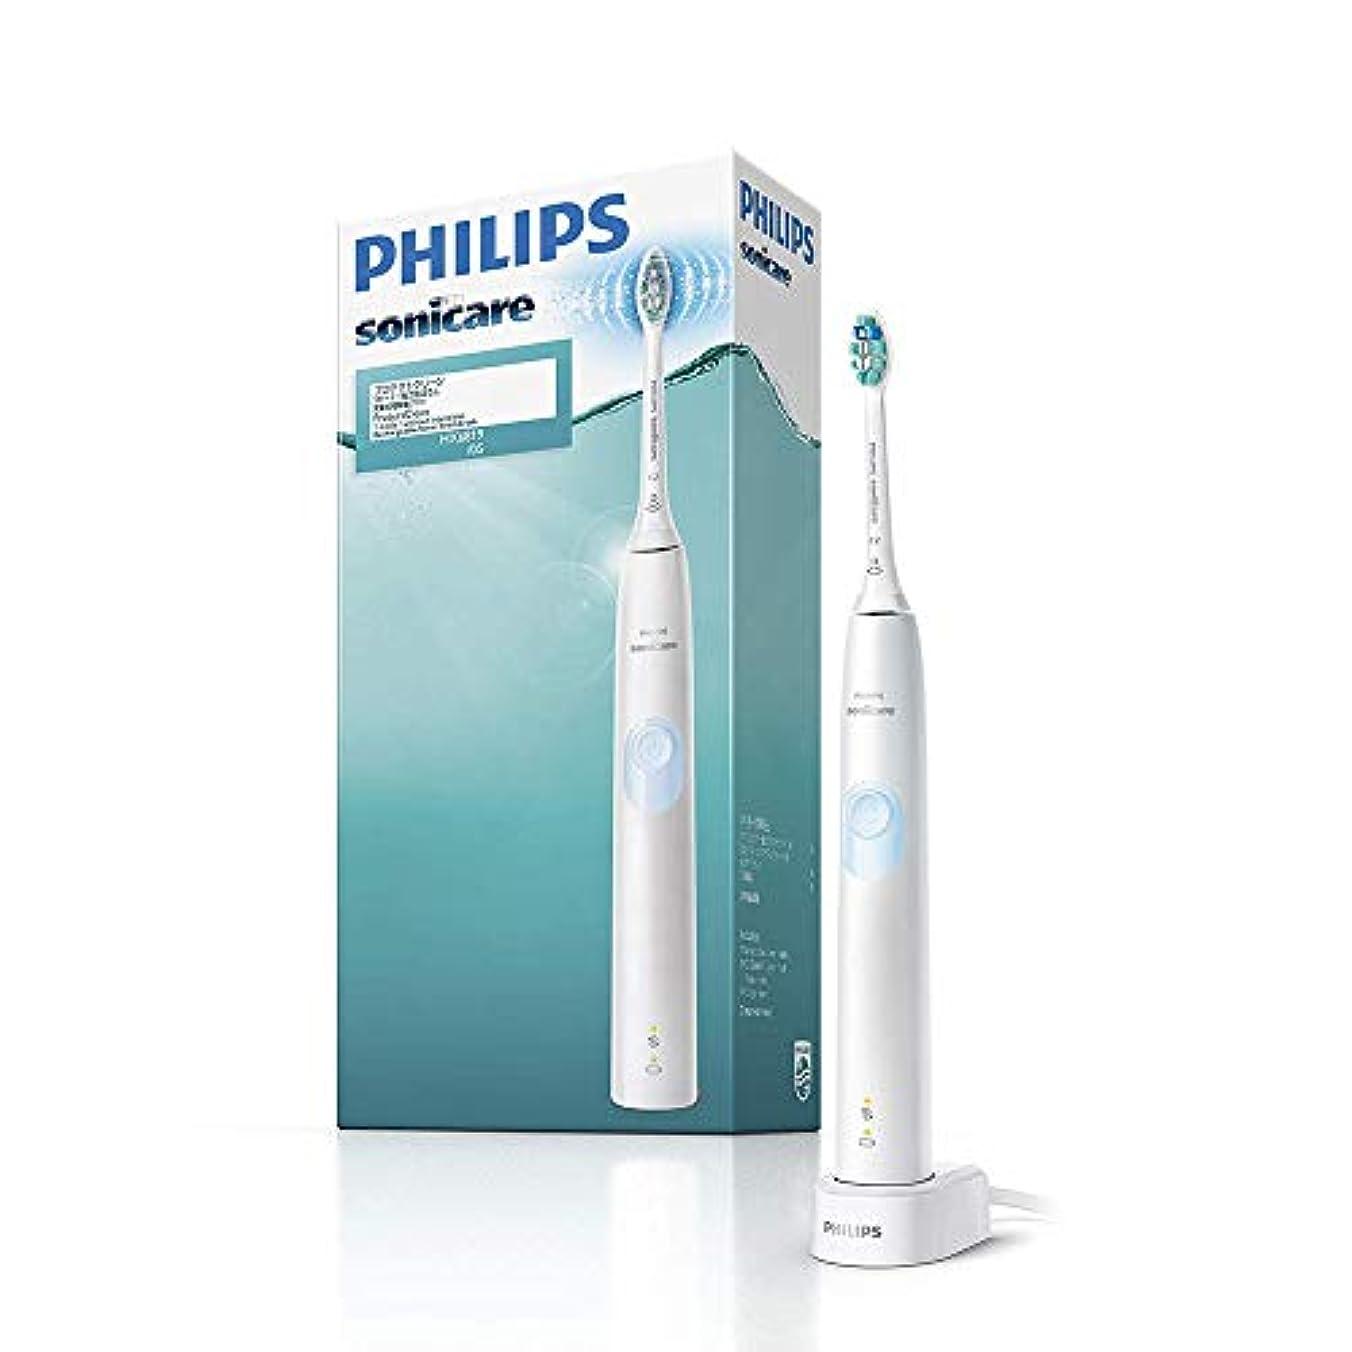 わざわざ手段可能【Amazon.co.jp限定】フィリップス ソニッケアー プロテクトクリーン ホワイトライトブルー 電動歯ブラシ 強さ設定なし HX6819/05